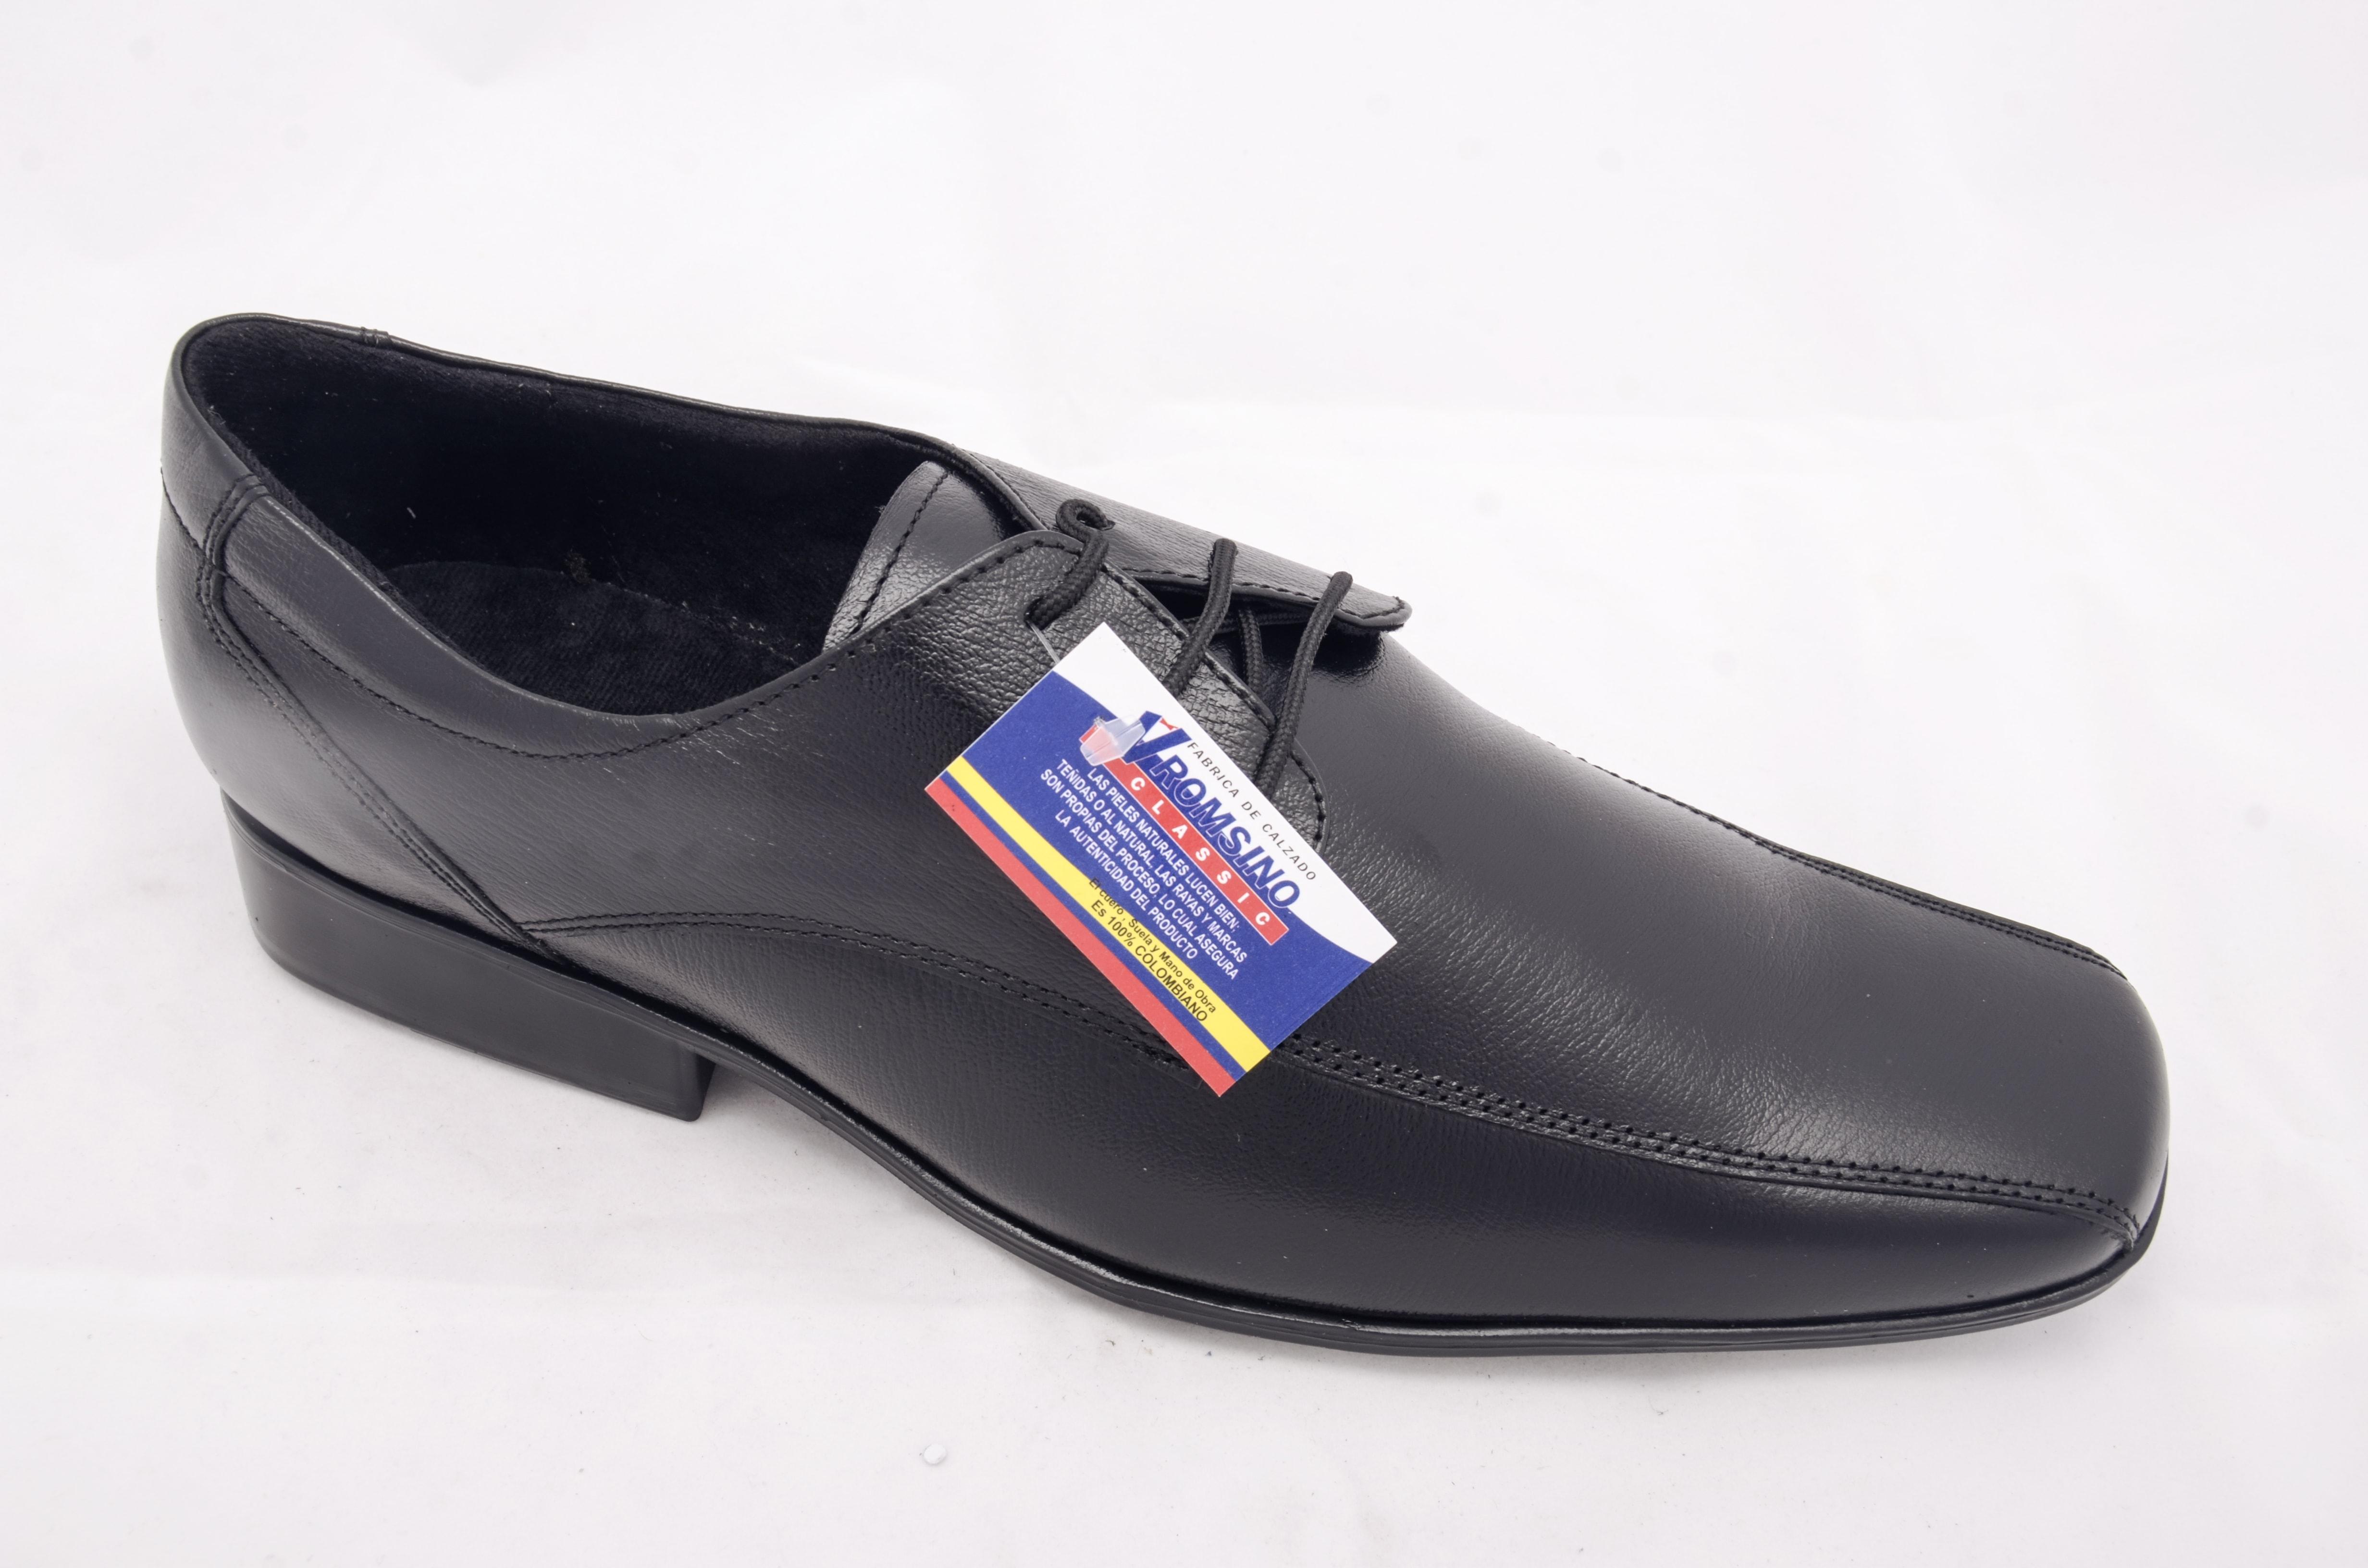 1ef5004d0ab el botín de Andrés zapatos - Zapatos